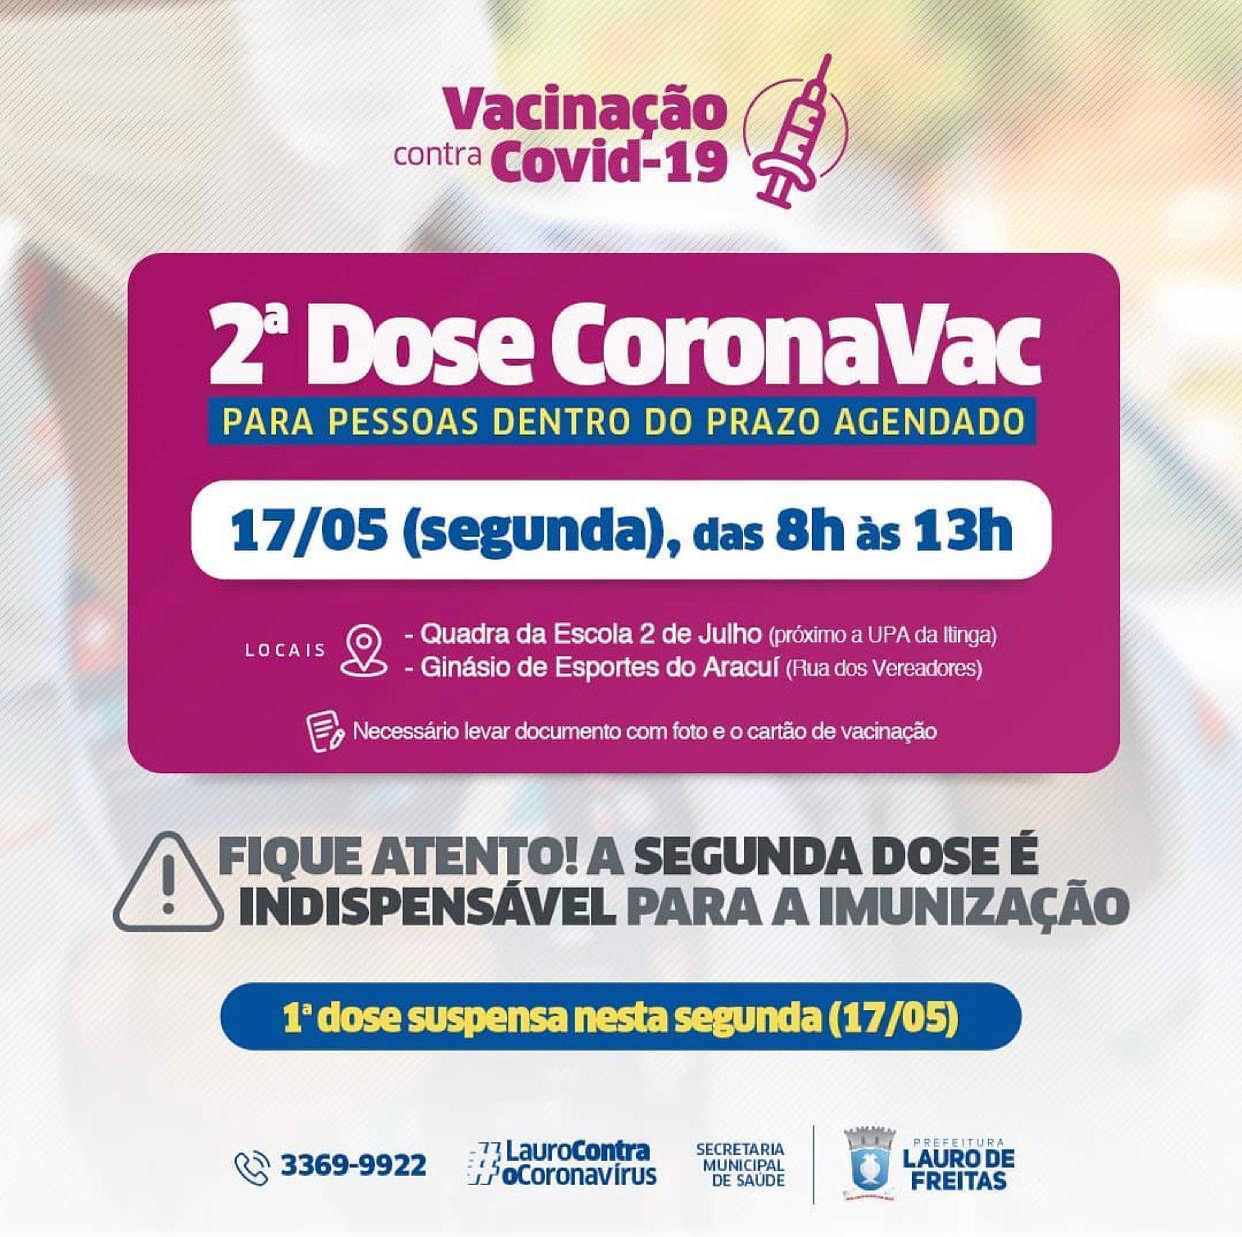 Lauro de Freitas mantém vacinação exclusiva para 2ª dose da Coronavac nesta segunda-feira (17)